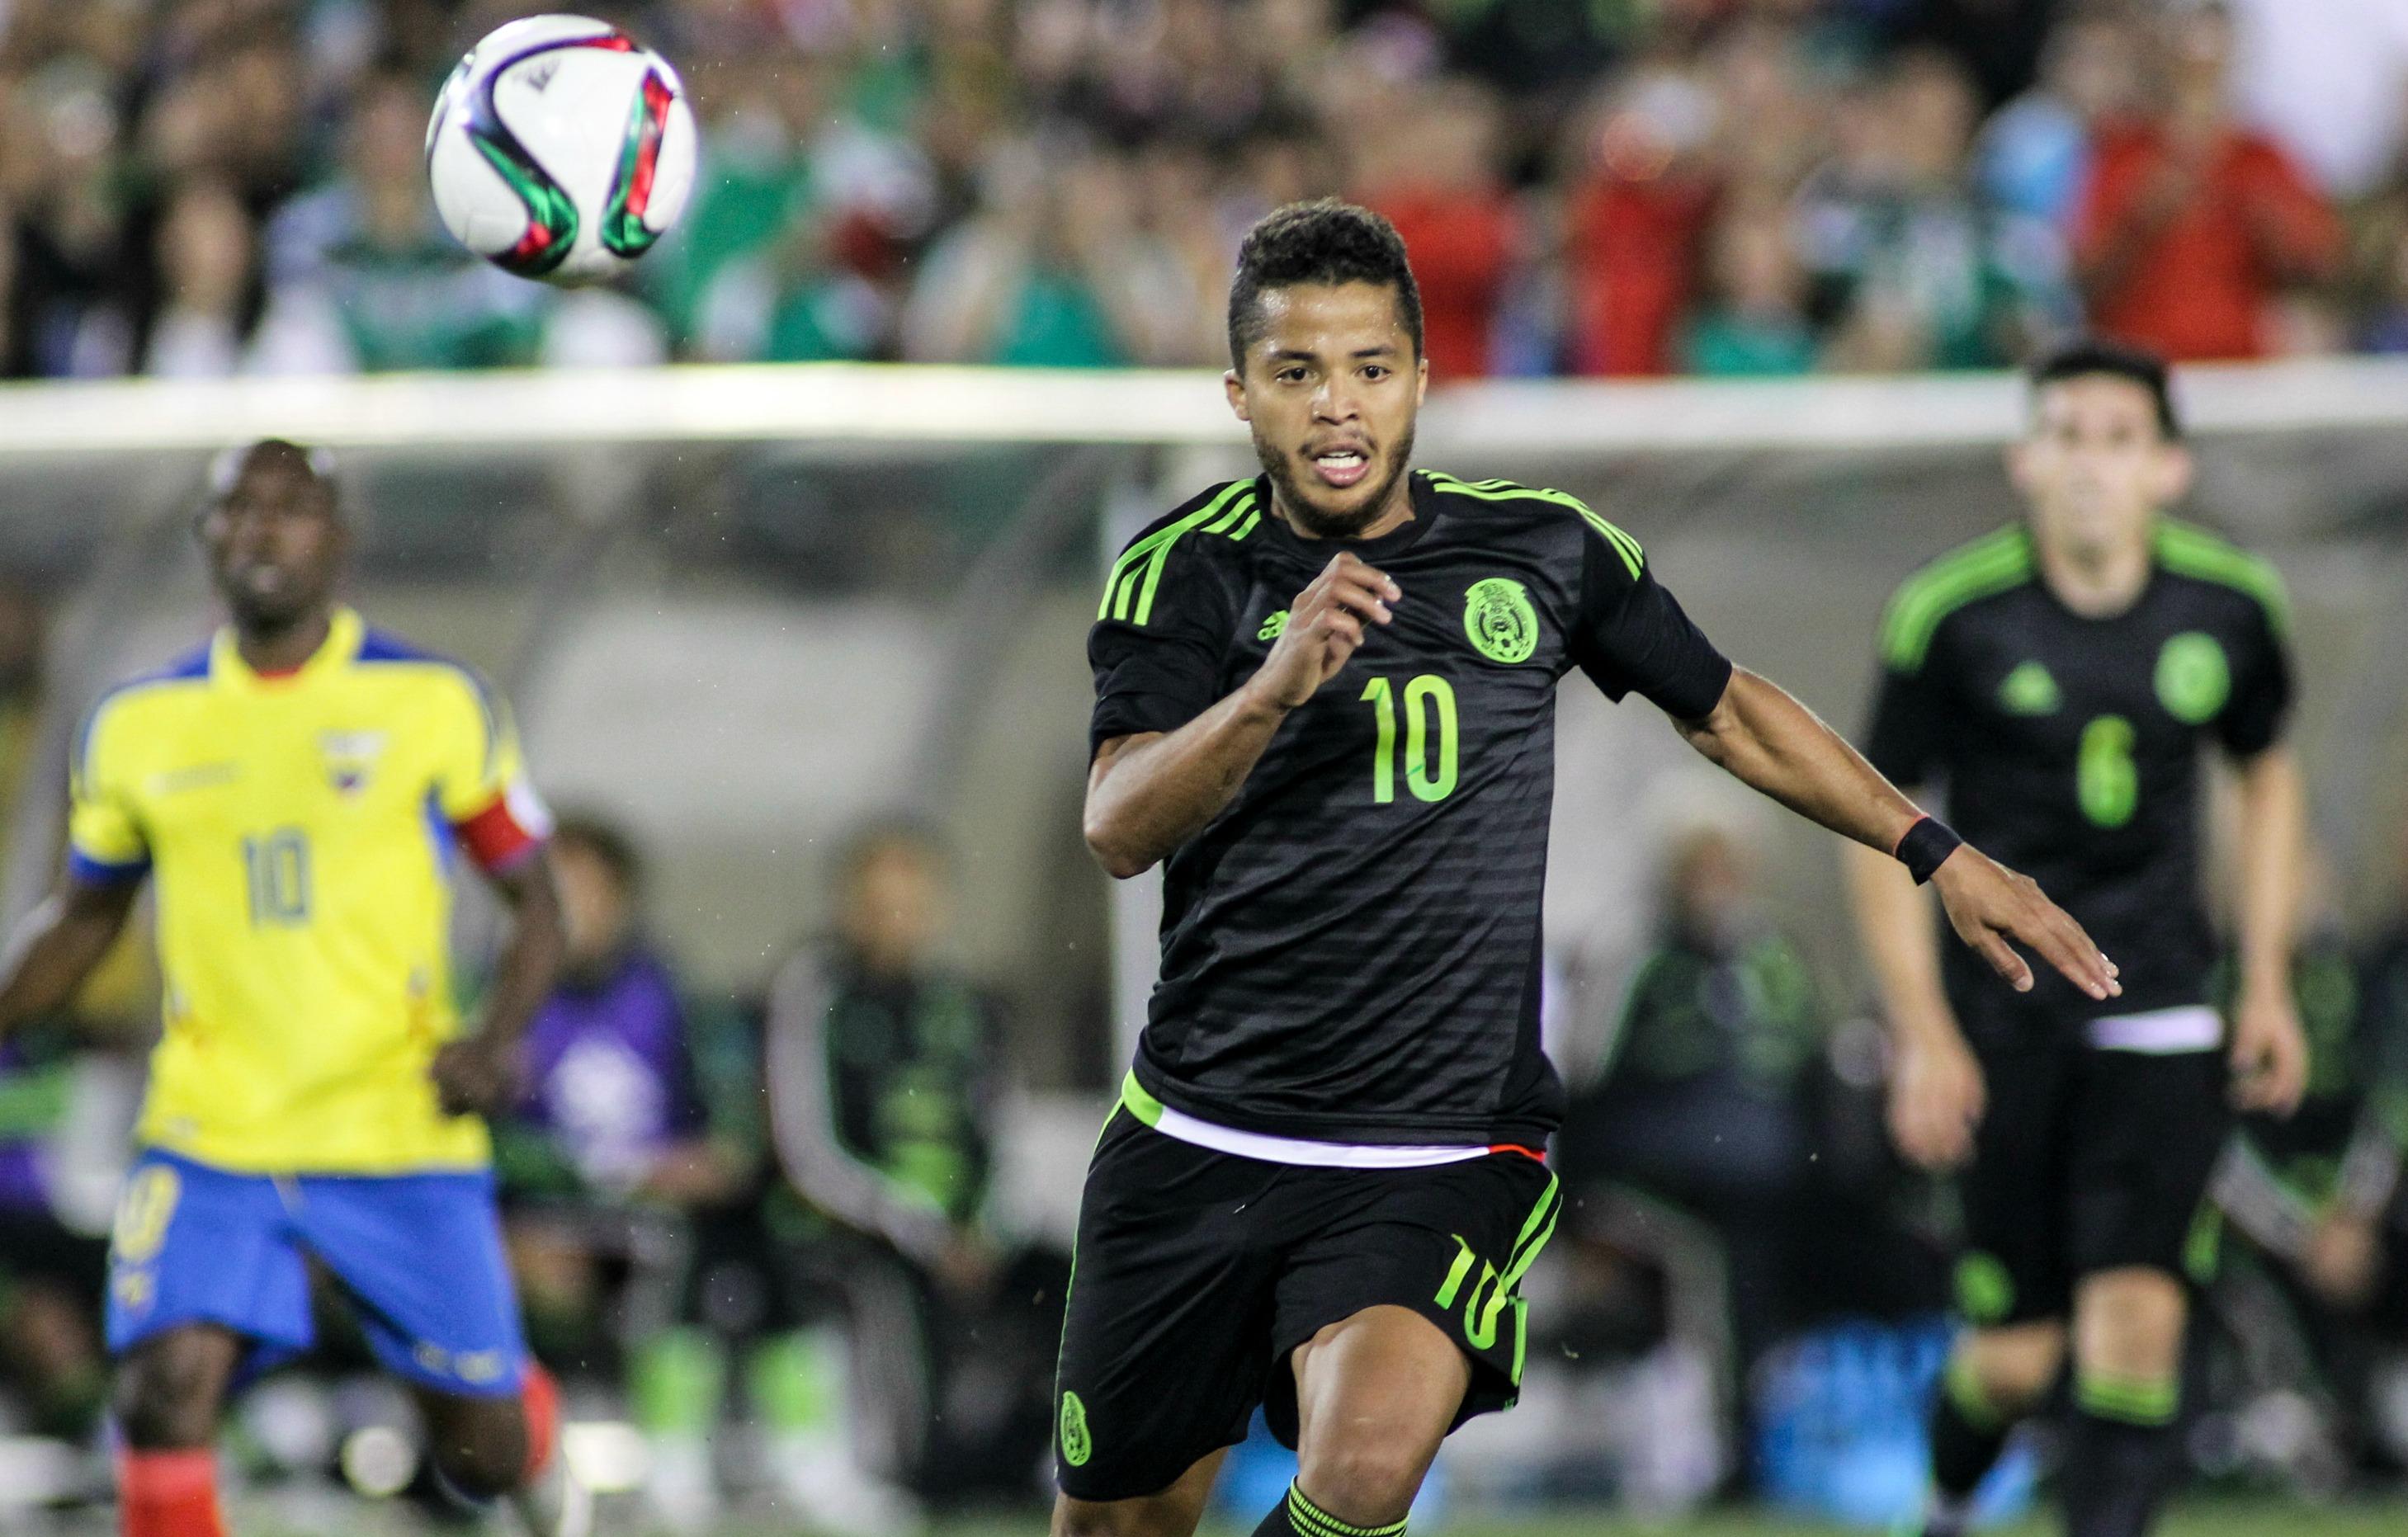 Giovani dos Santos Might Return to Action With El Tri